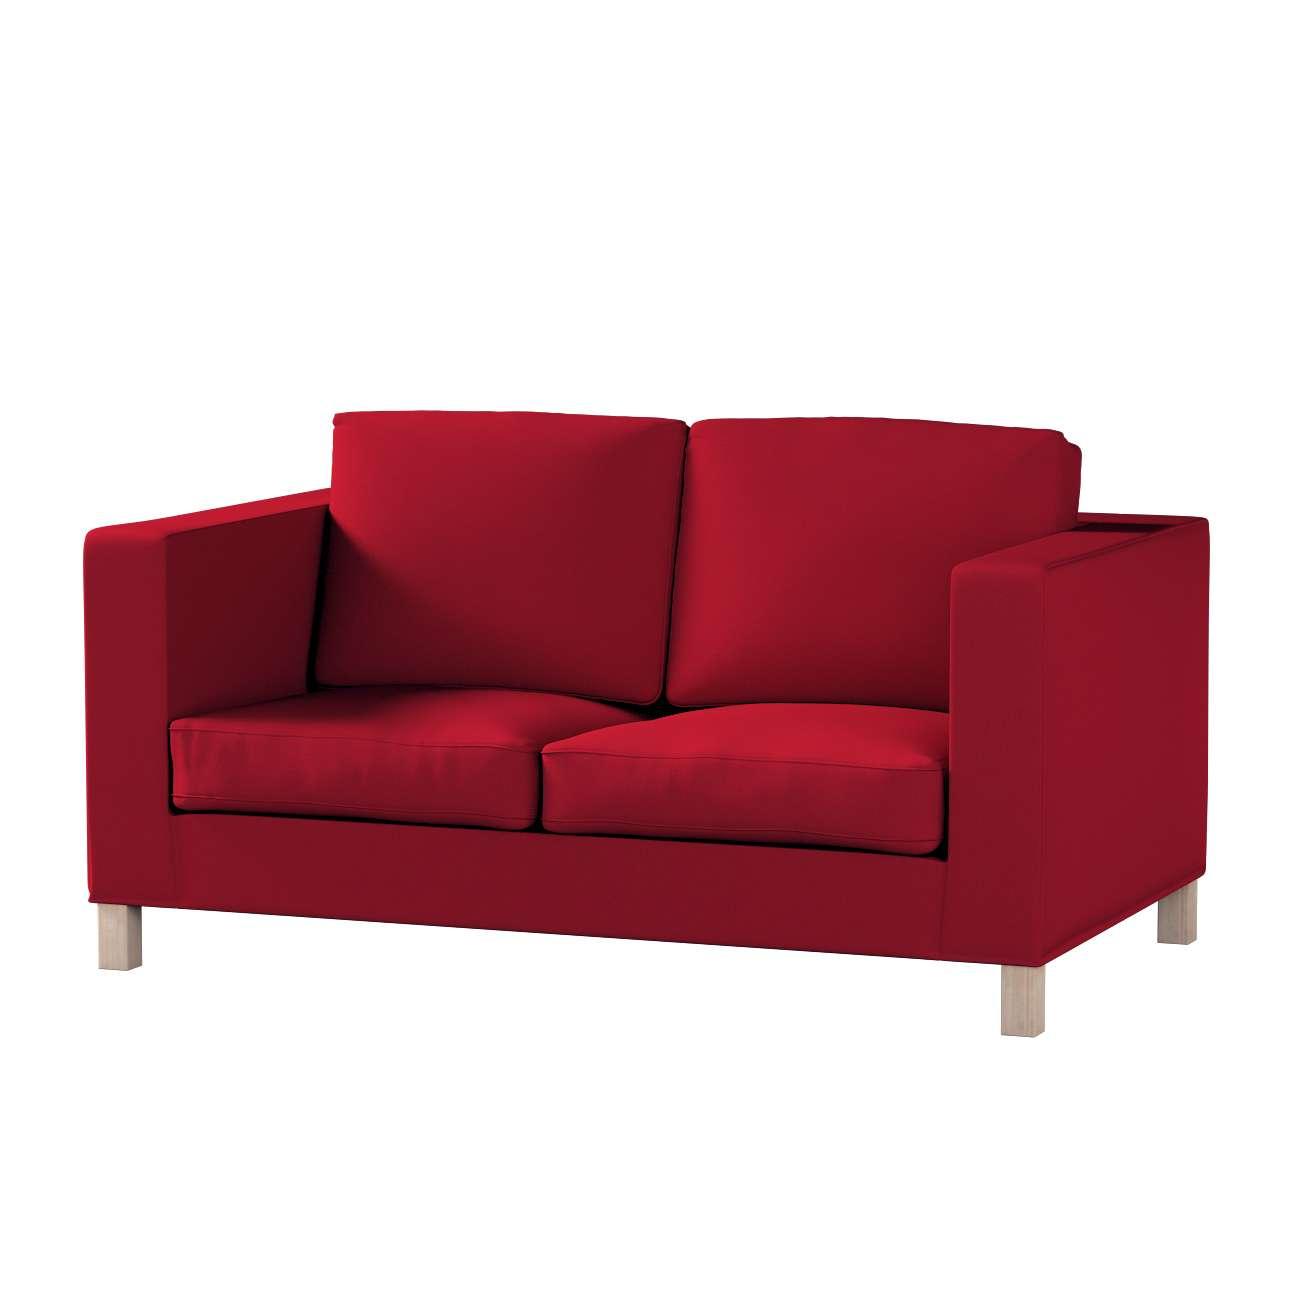 KARLANDA dvivietės sofos užvalkalas KARLANDA dvivietės sofos užvalkalas kolekcijoje Etna , audinys: 705-60